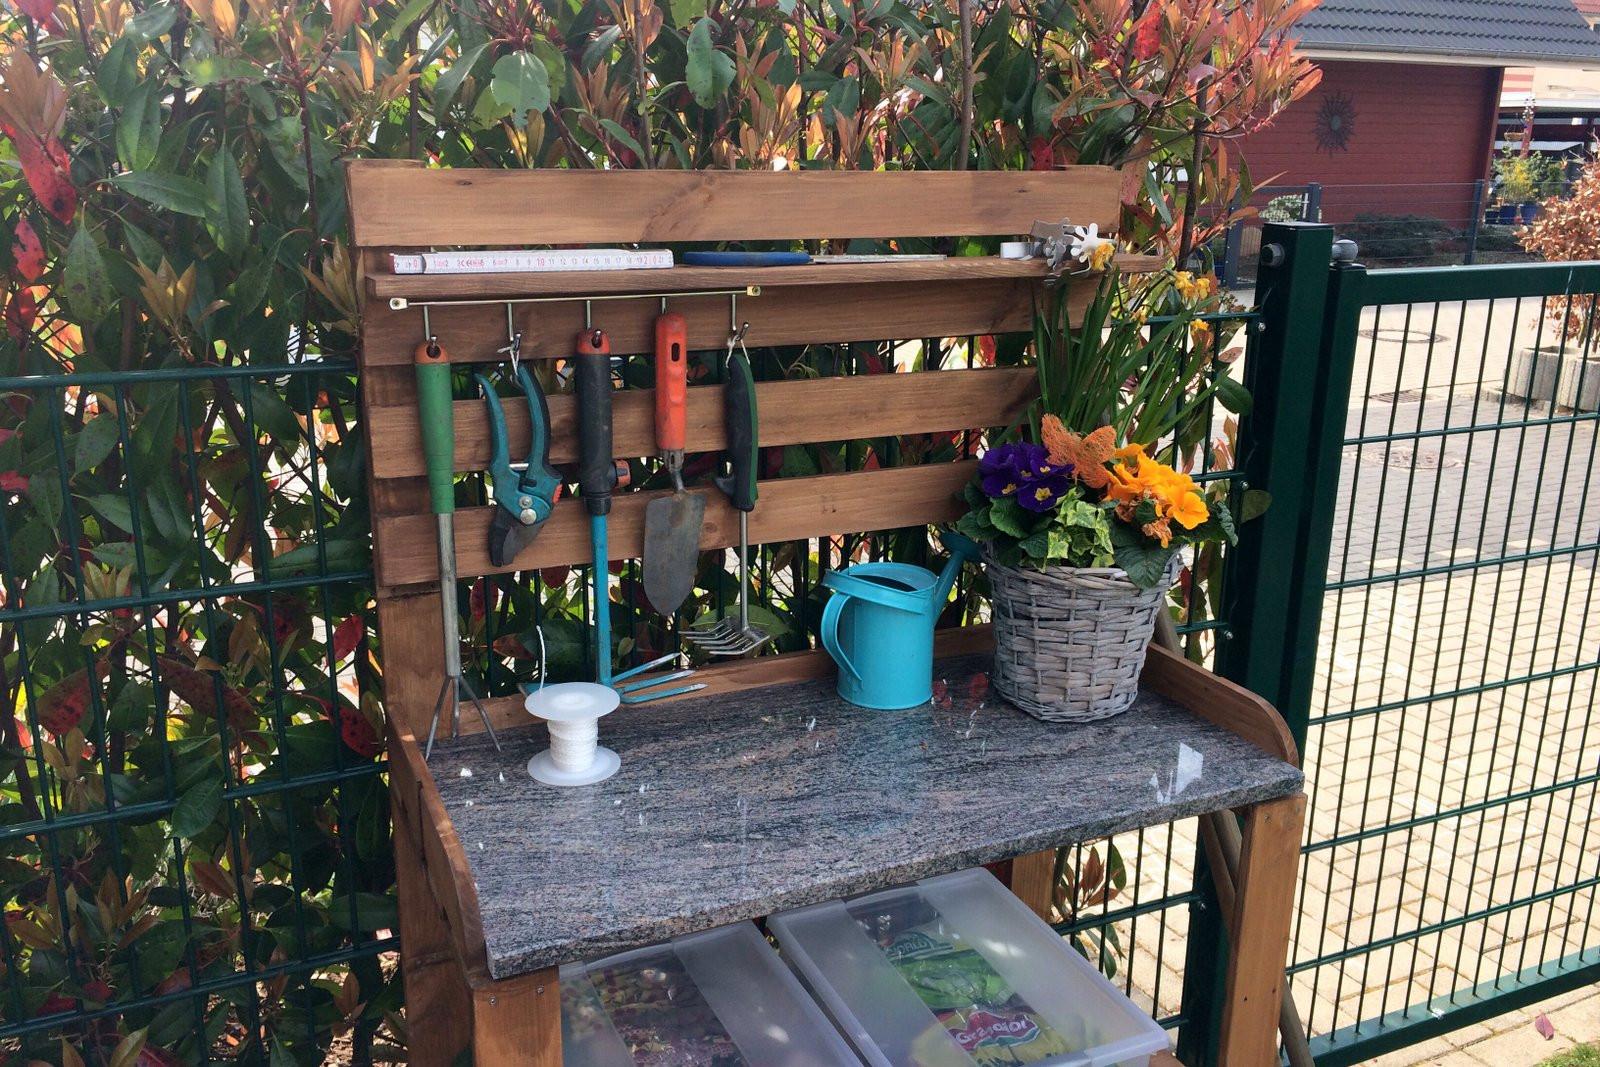 Pflanztisch Diy  Groß Diy Garten DIY Pflanztisch Für Den Selber Bauen